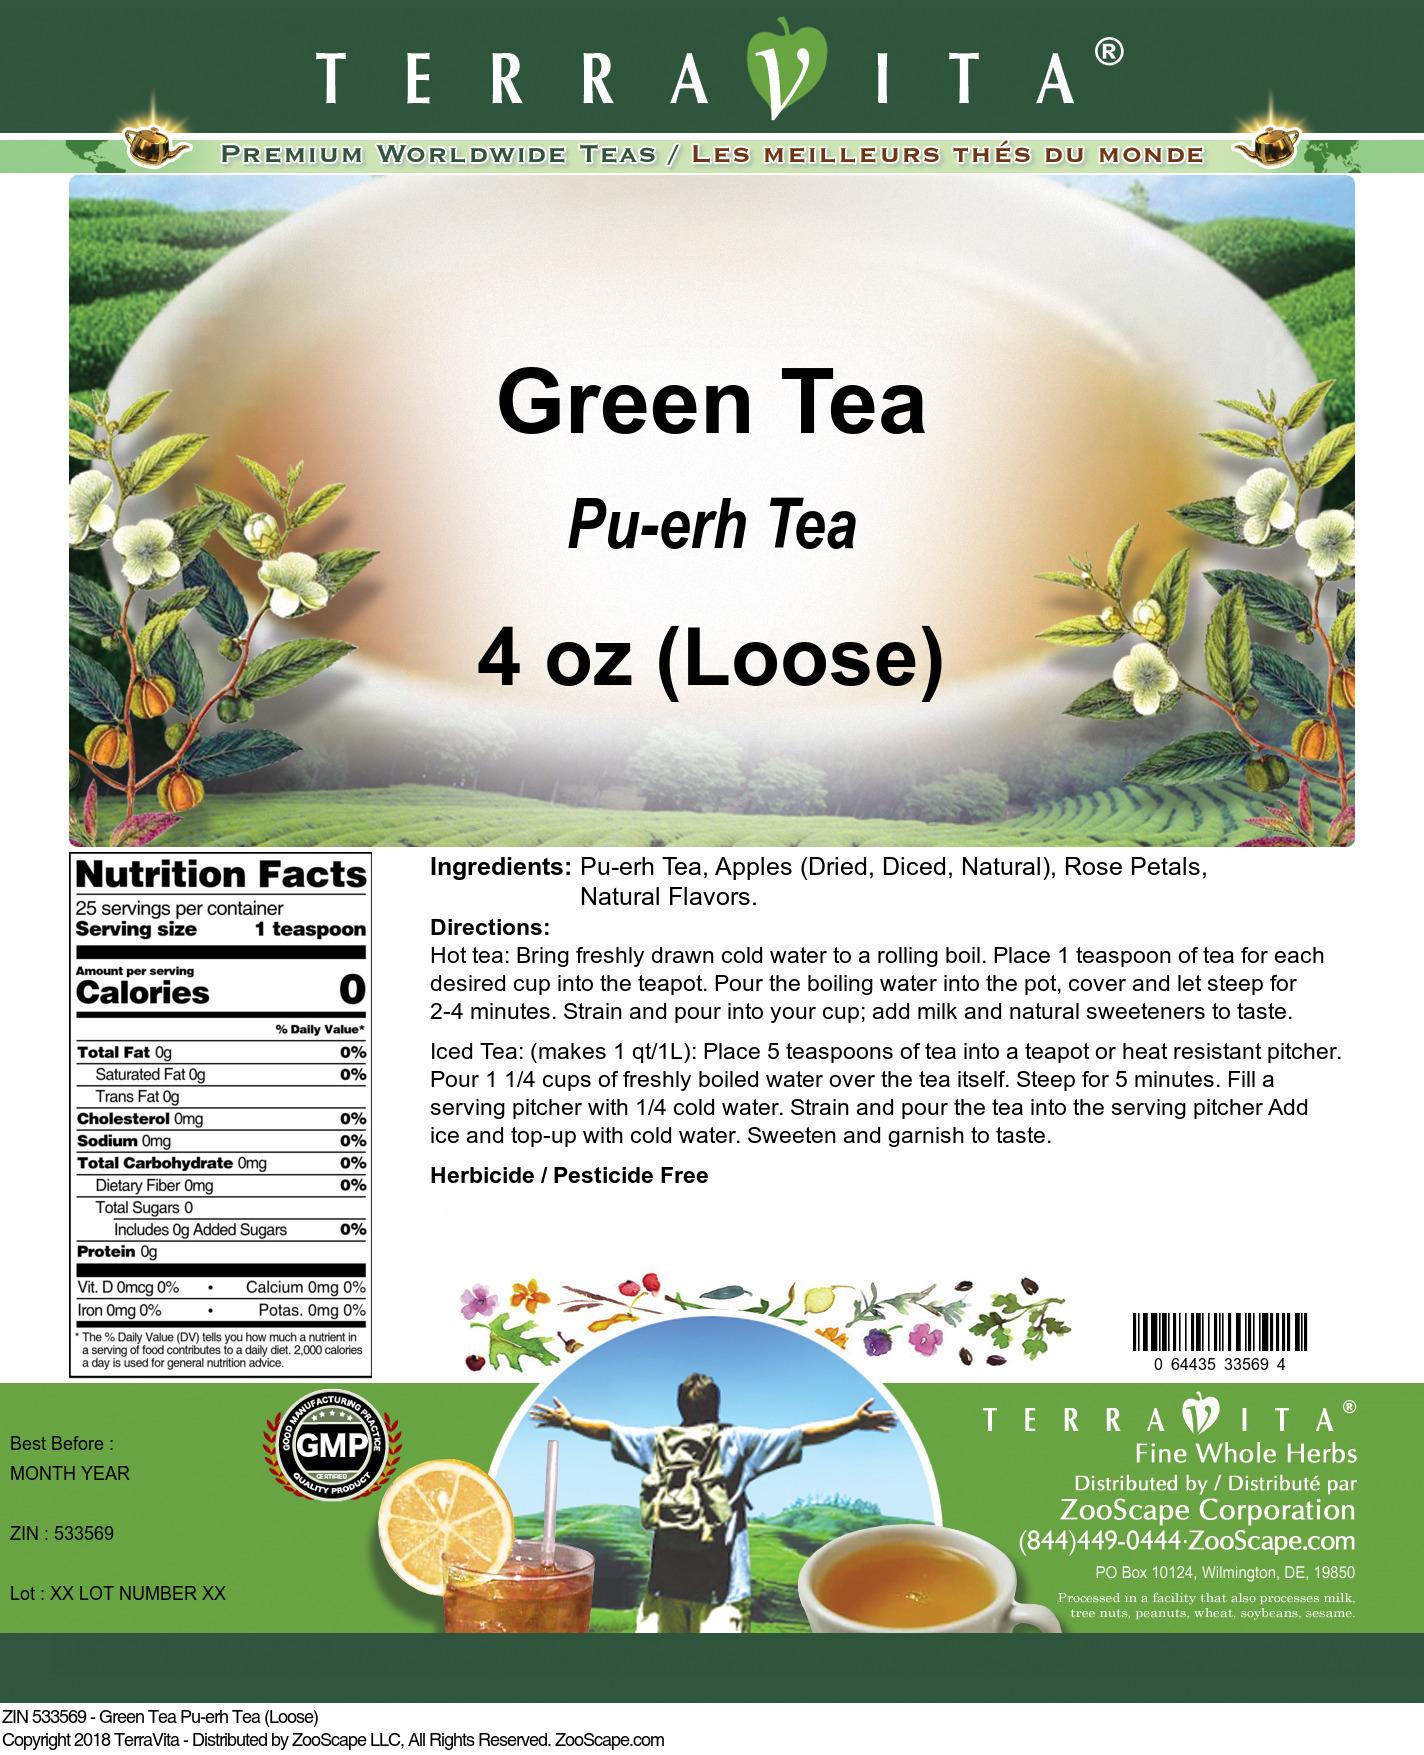 Green Tea Pu-erh Tea (Loose)